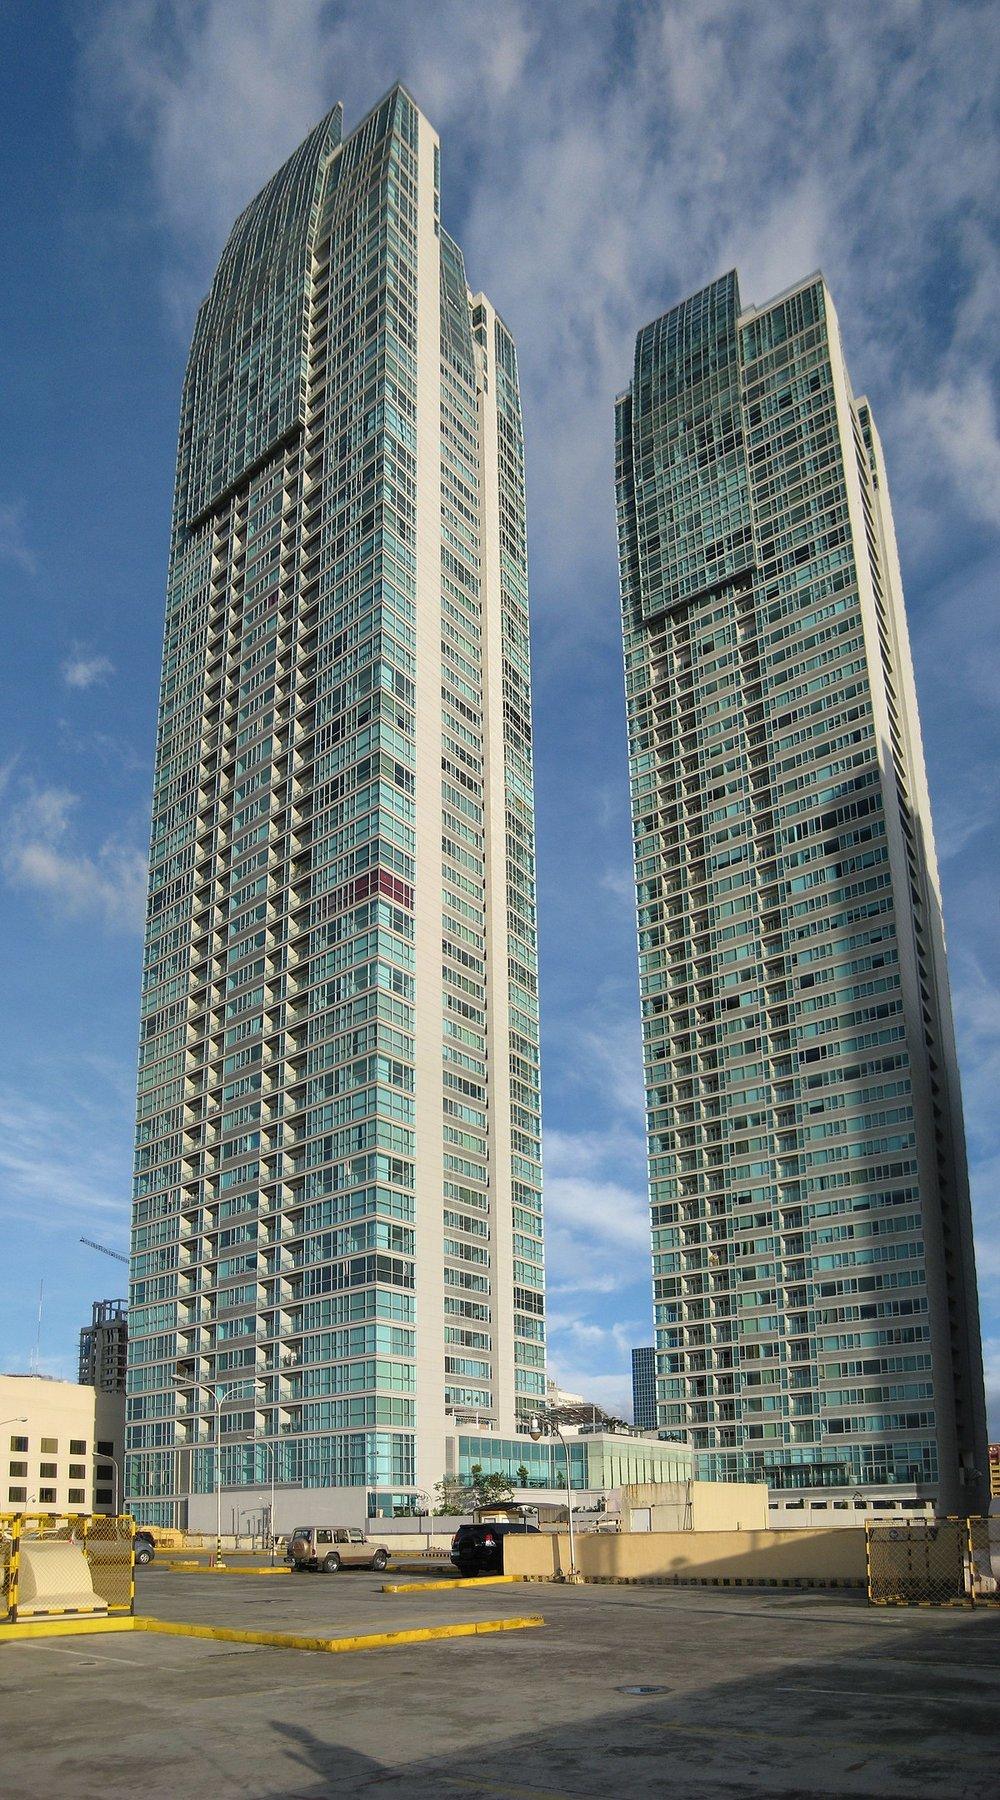 1200px-Shangri-La_Towers_Panarama,_Manila,_Philippines_-_panoramio.jpg